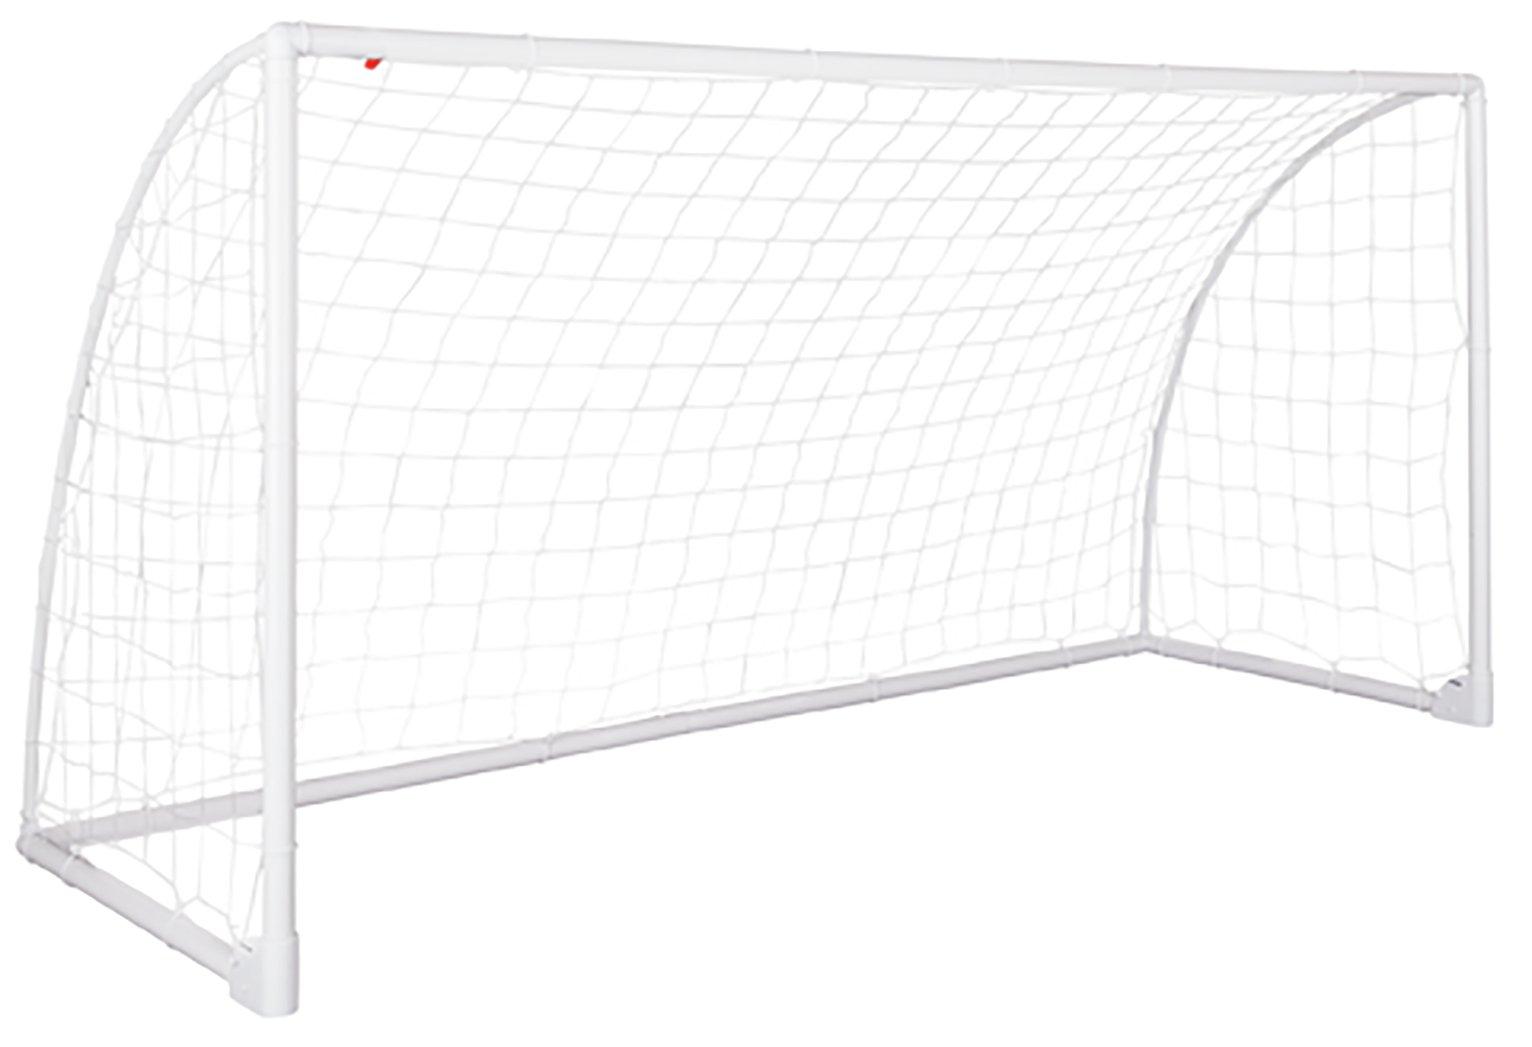 Opti 8 x 4ft PVC Goal